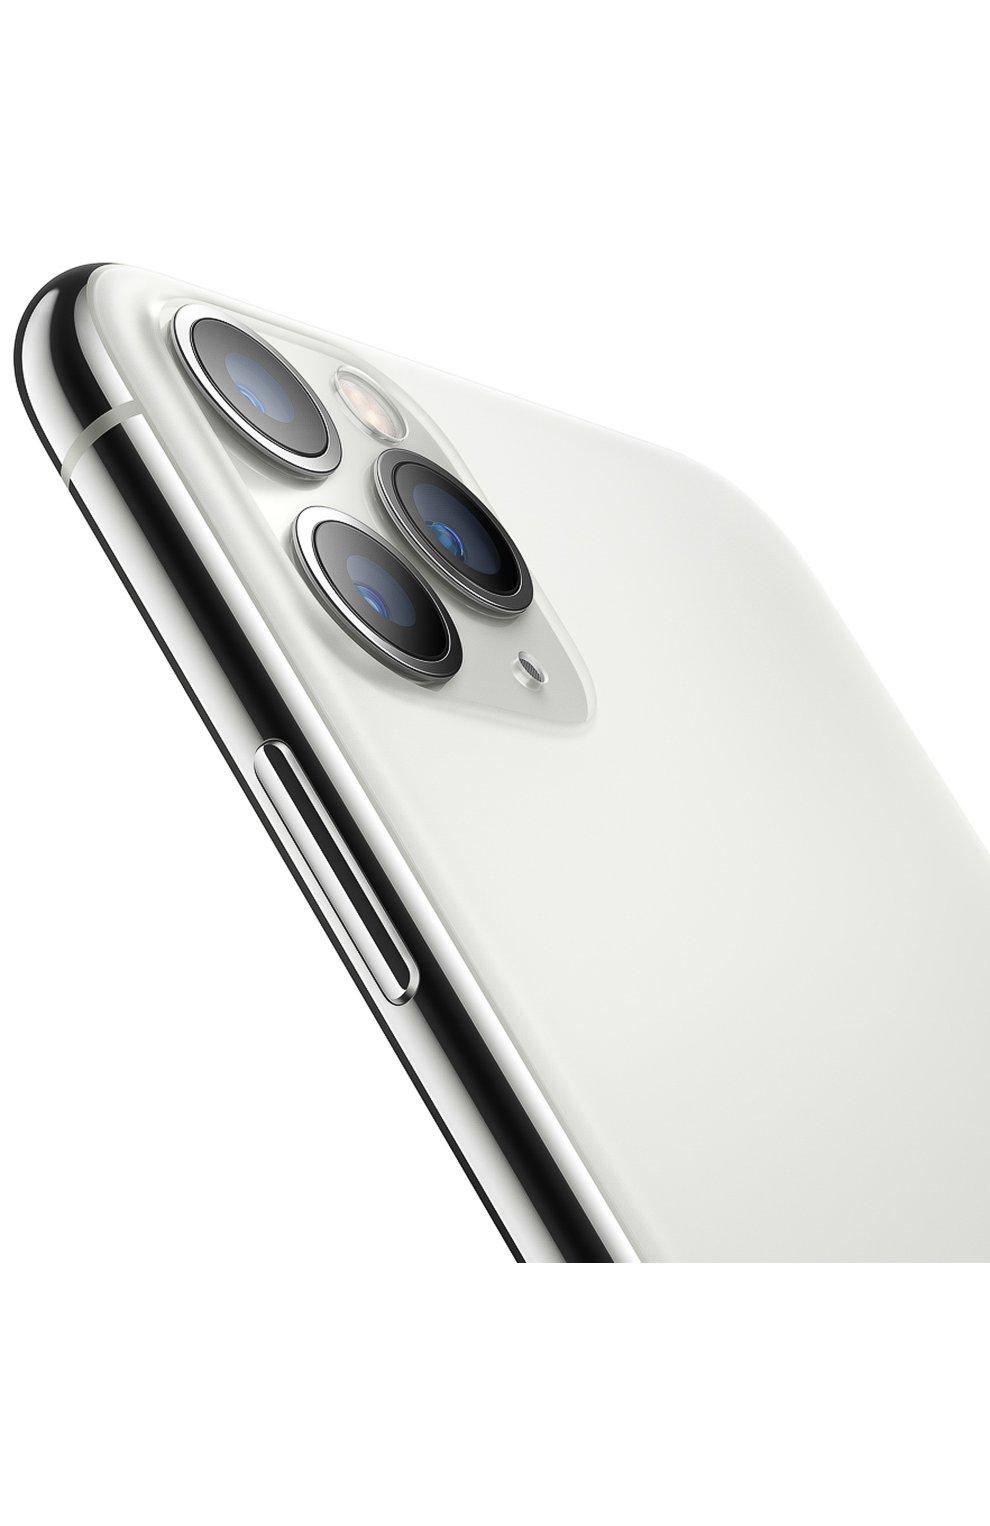 Мужской iphone 11 pro 256gb silver APPLE  silver цвета, арт. MWC82RU/A | Фото 3